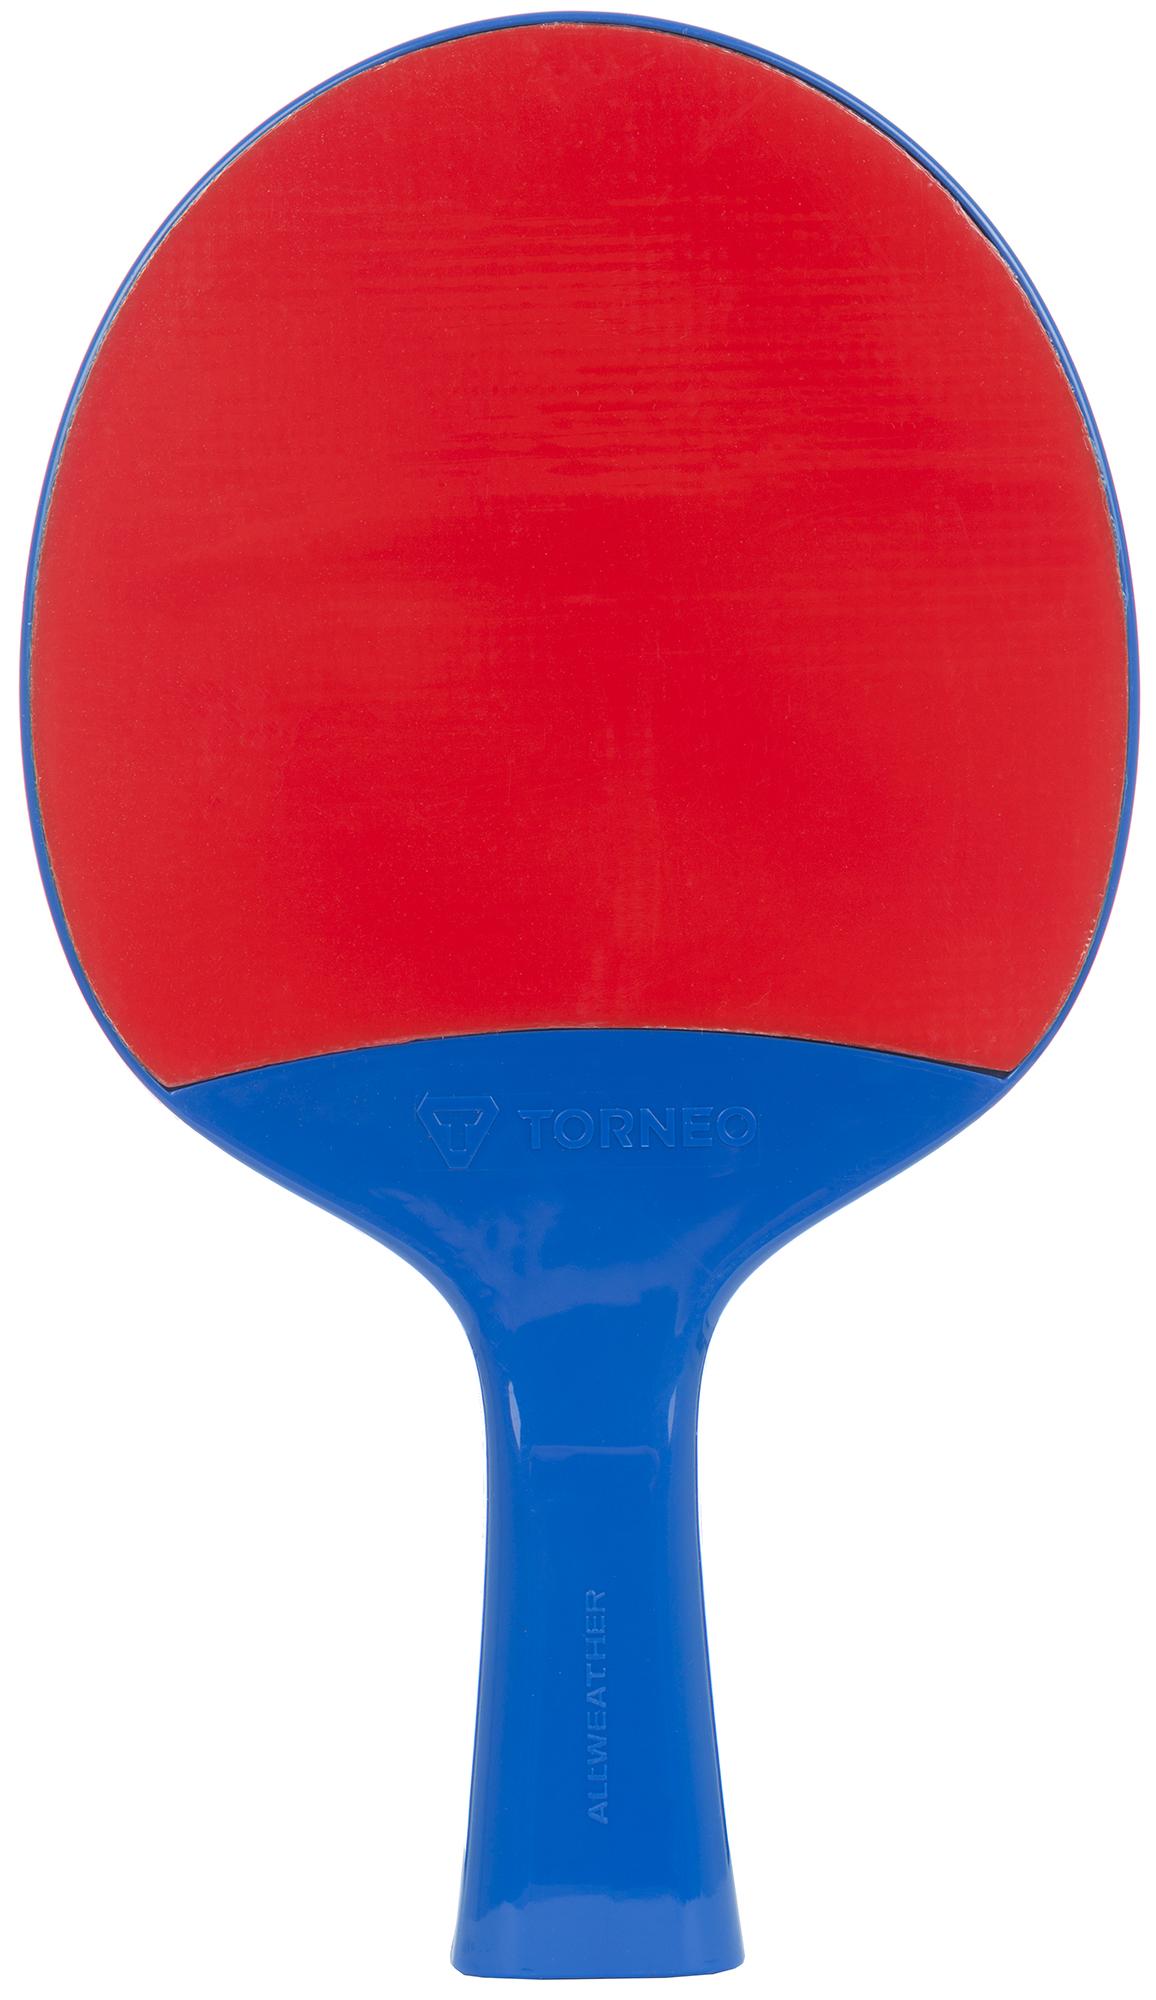 Torneo Ракетка для настольного тенниса Torneo Plastic Beginner torneo ракетка для настольного тенниса torneo training